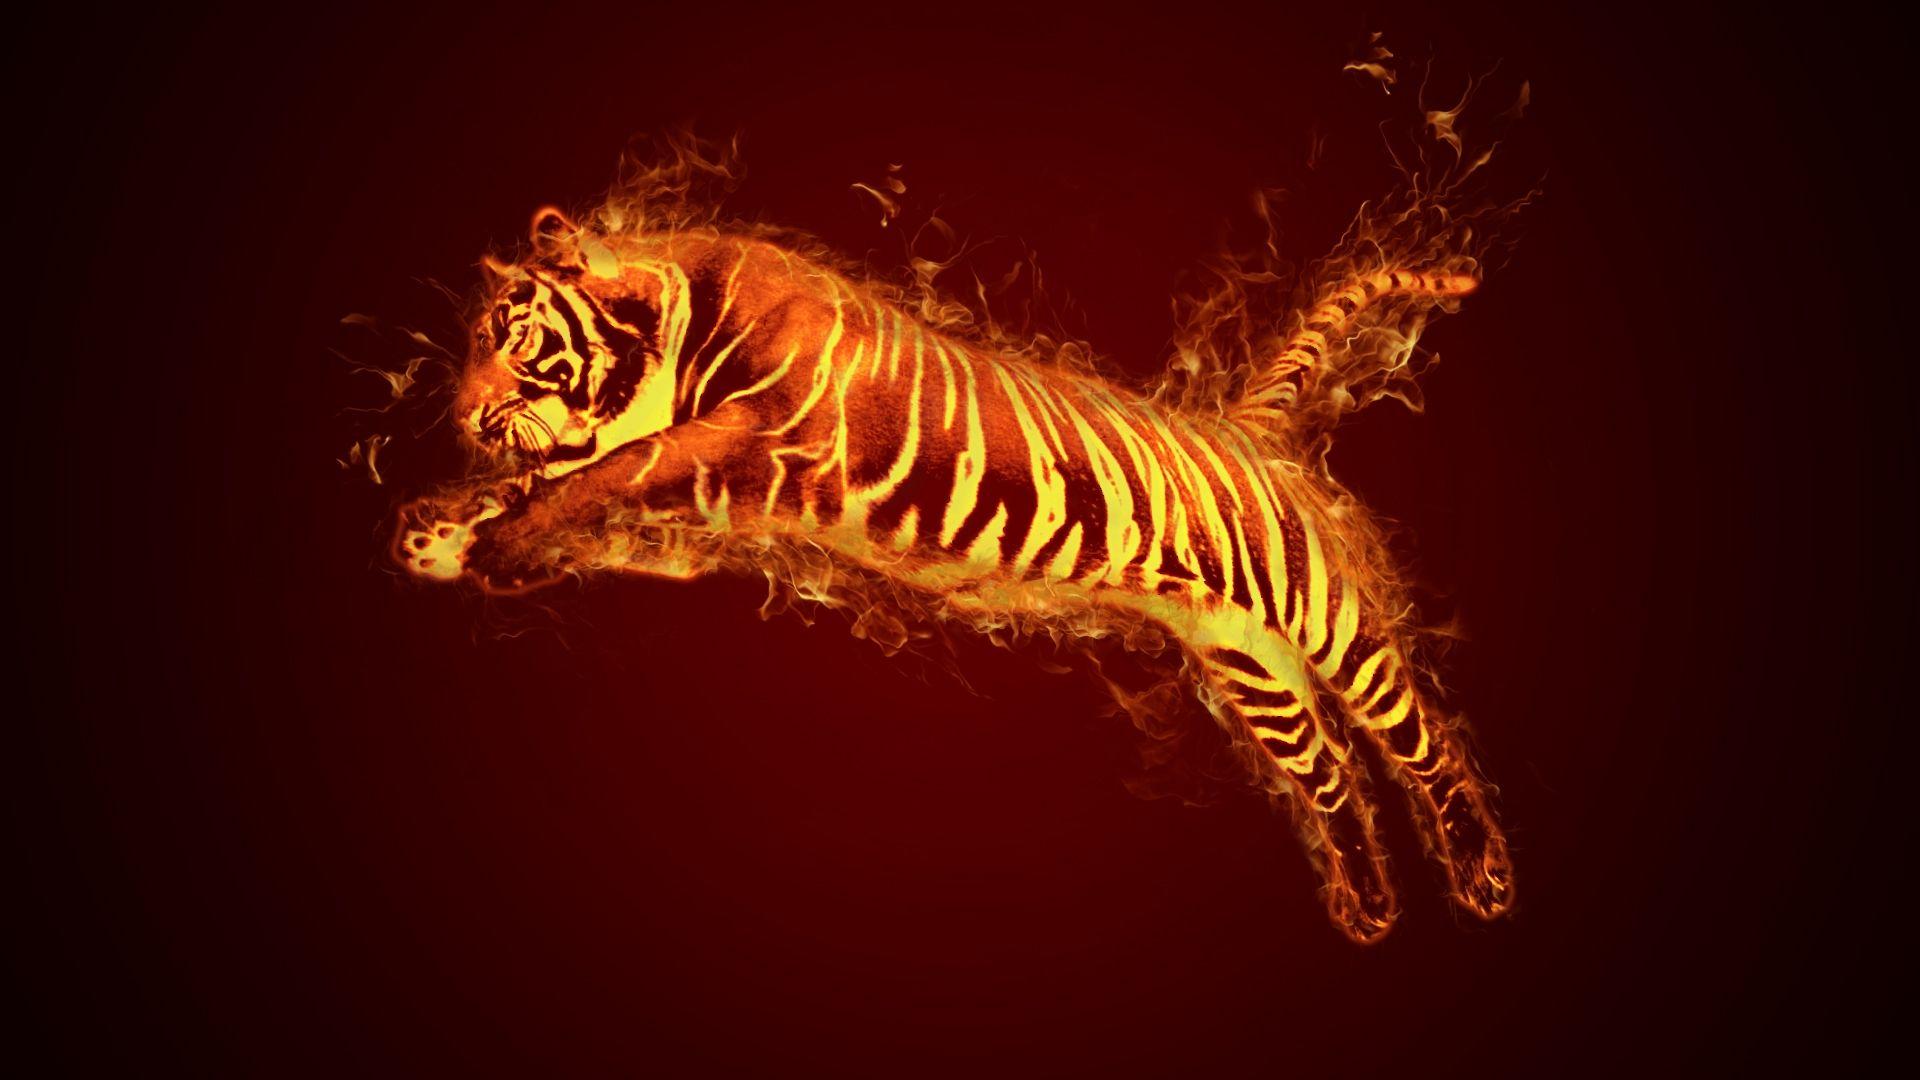 Tiger Art Fire, New Wallpaper